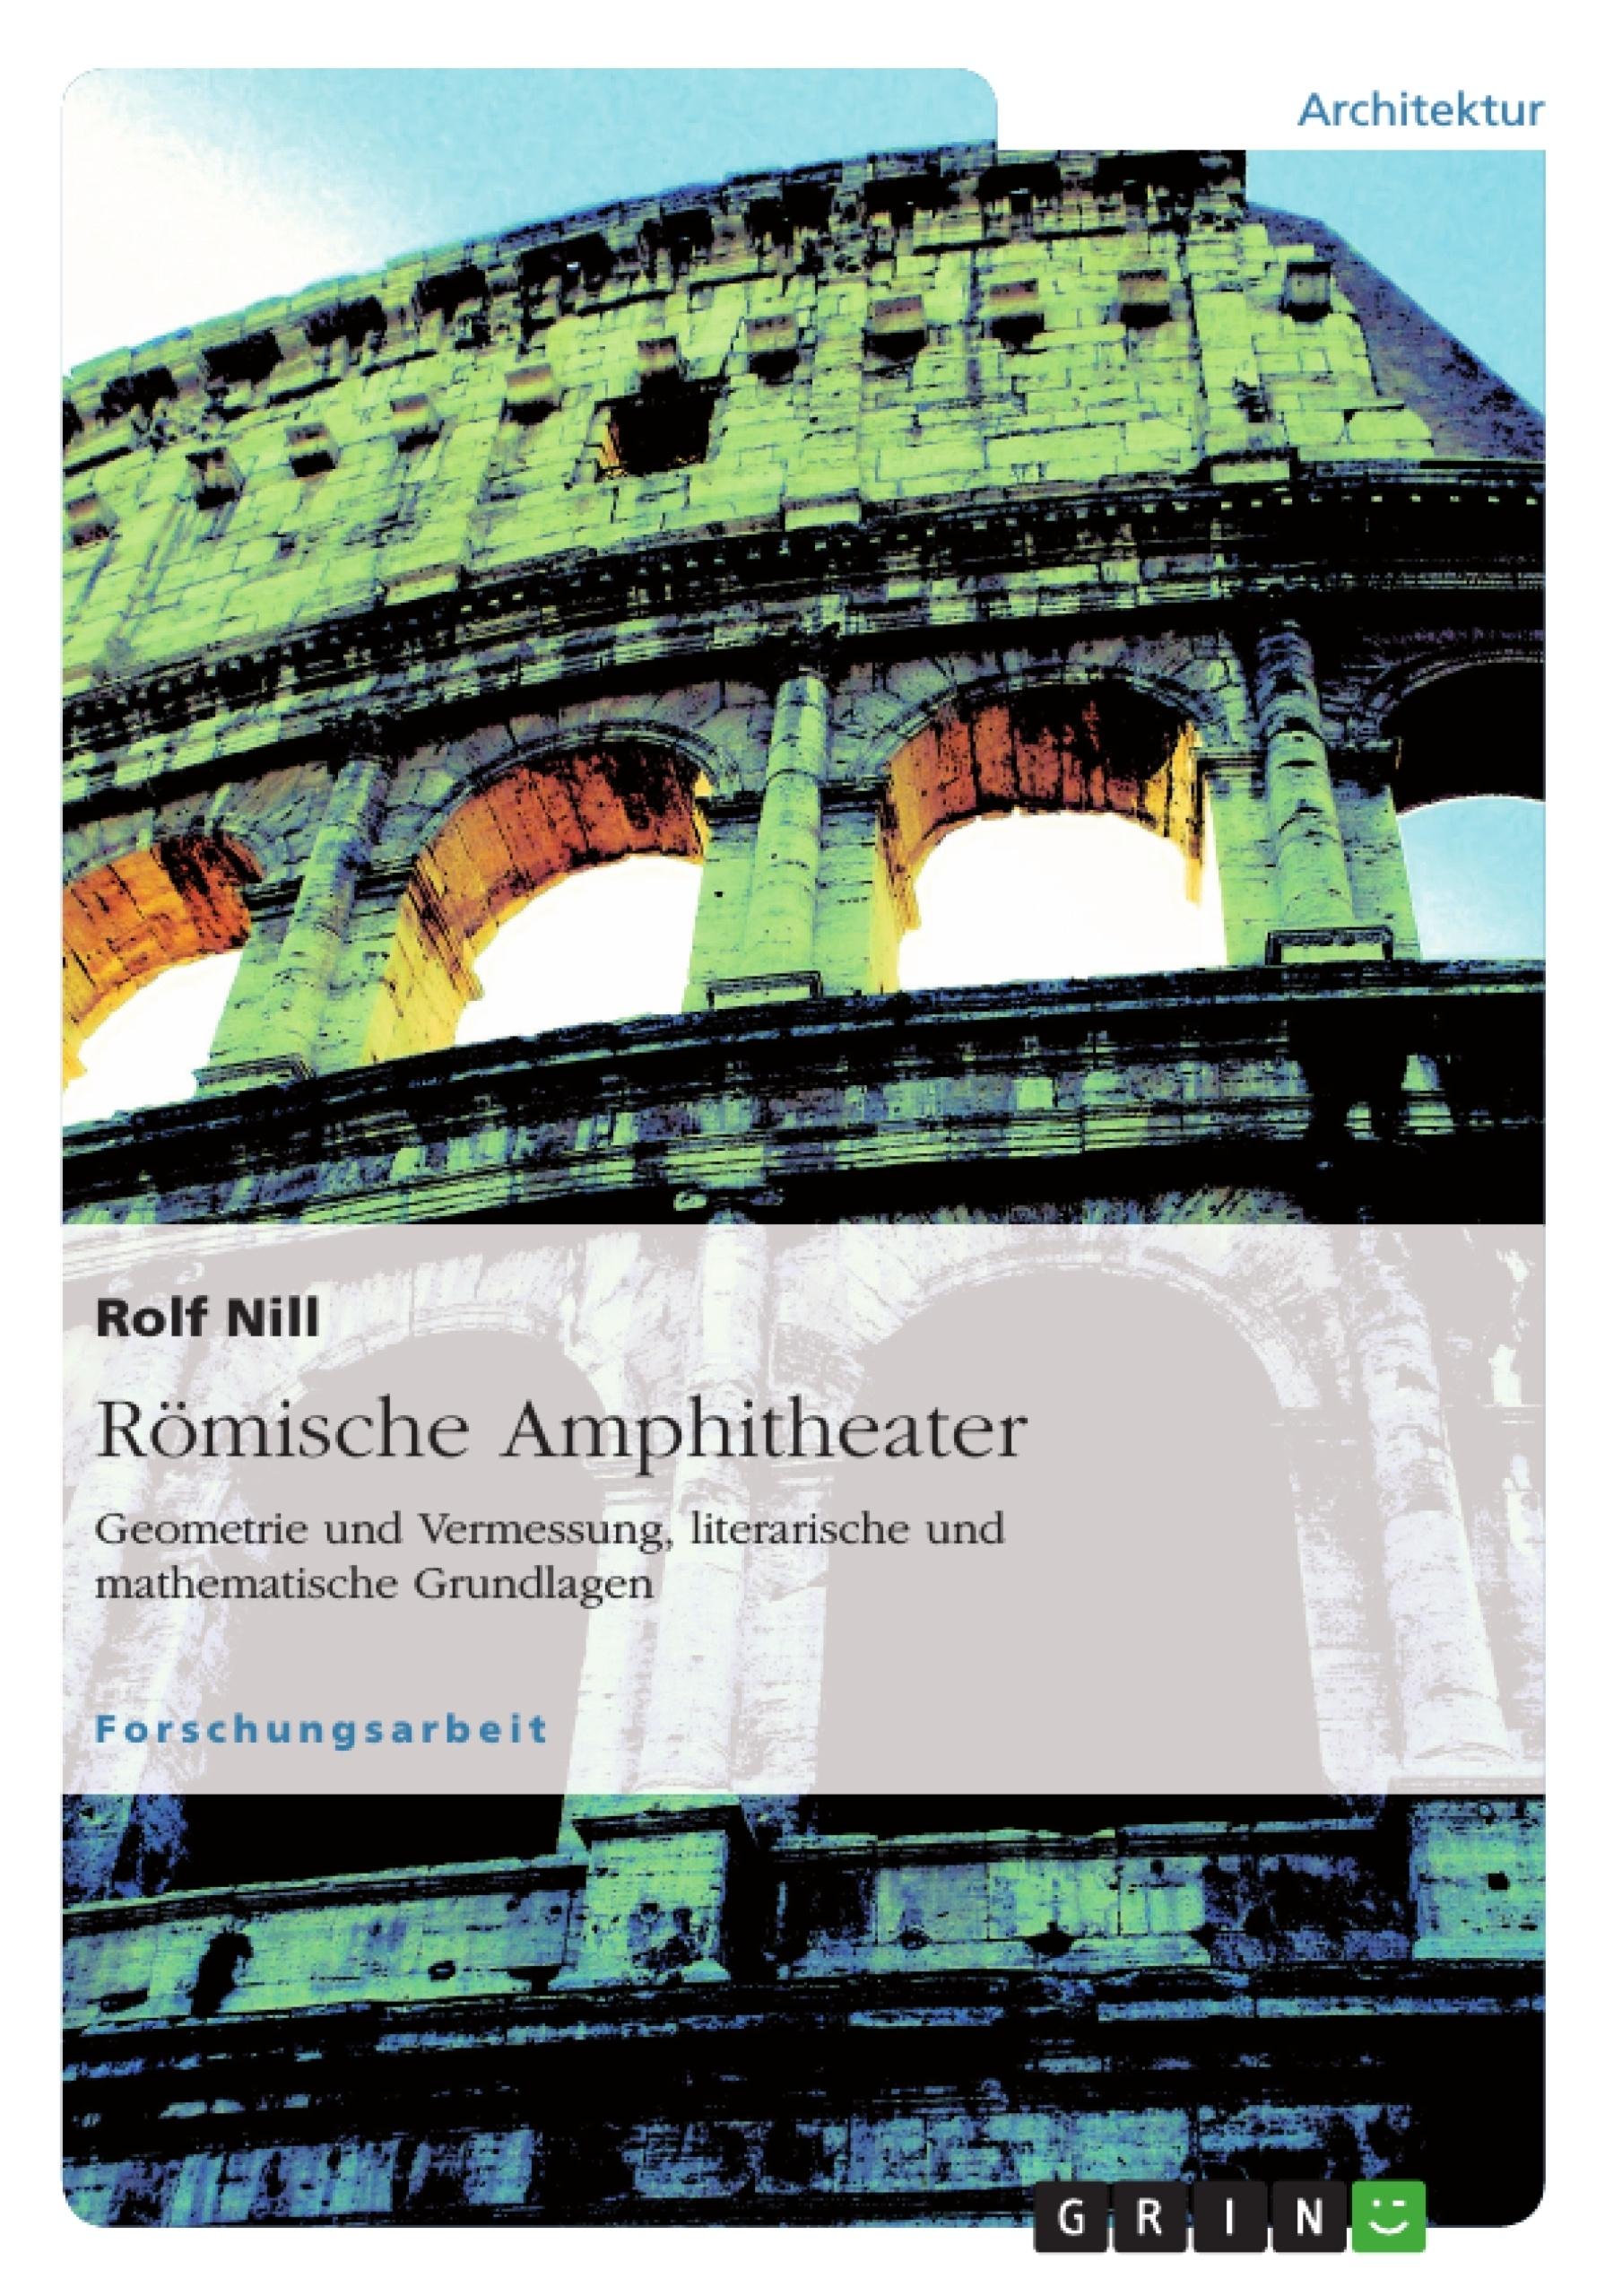 Titel: Römische Amphitheater: Geometrie und Vermessung, literarische und mathematische Grundlagen